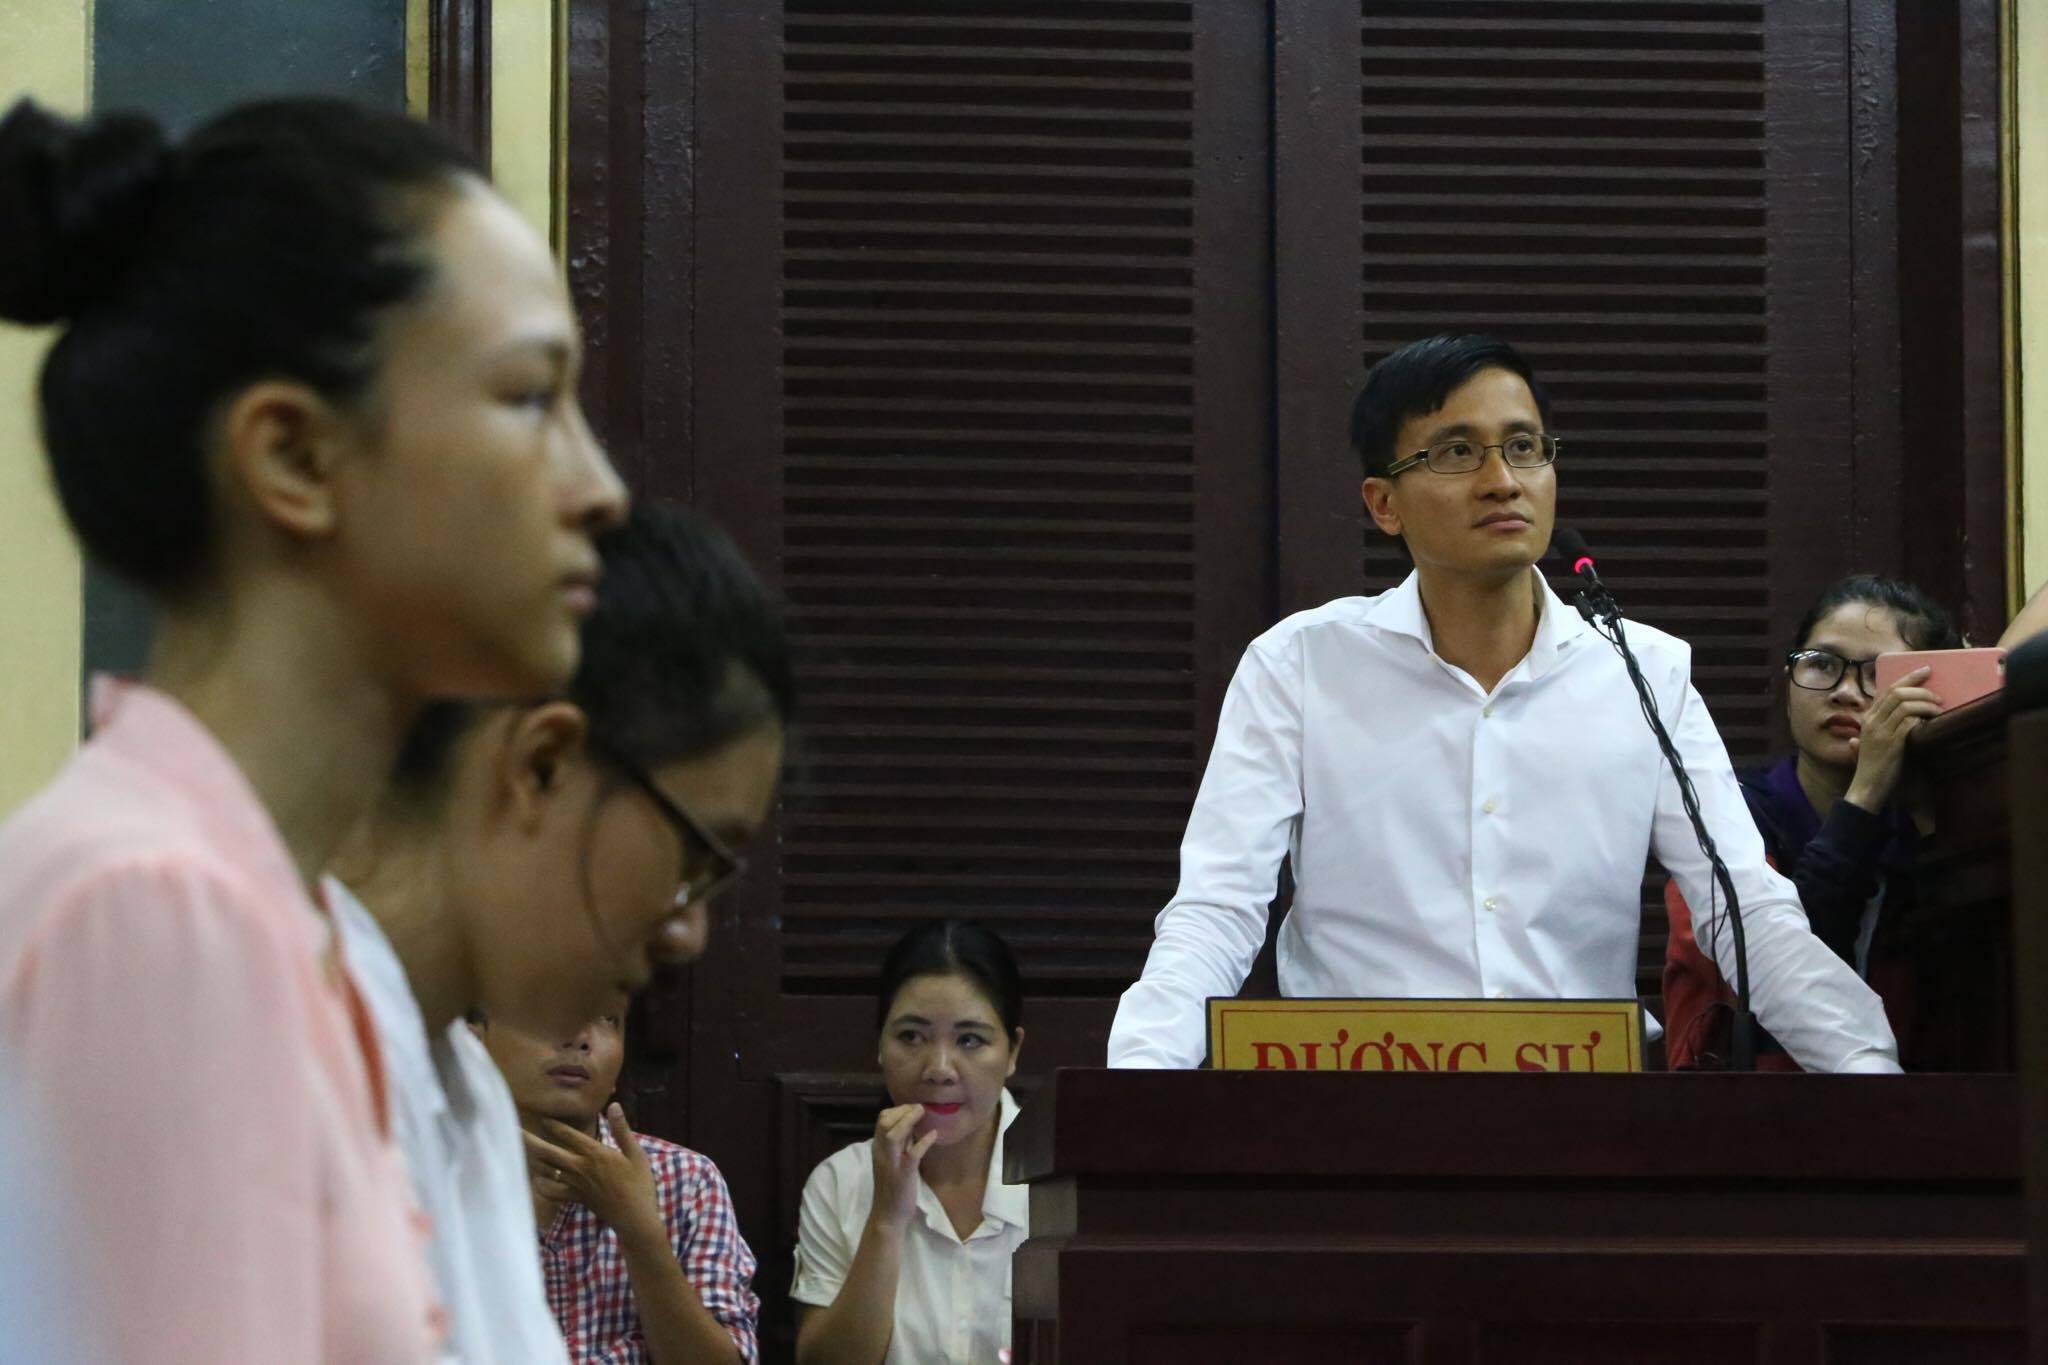 Trương Hồ Phương Nga, Cao Toàn Mỹ, hợp đồng tình ái, đình chỉ vụ án hoa hậu Phương Nga